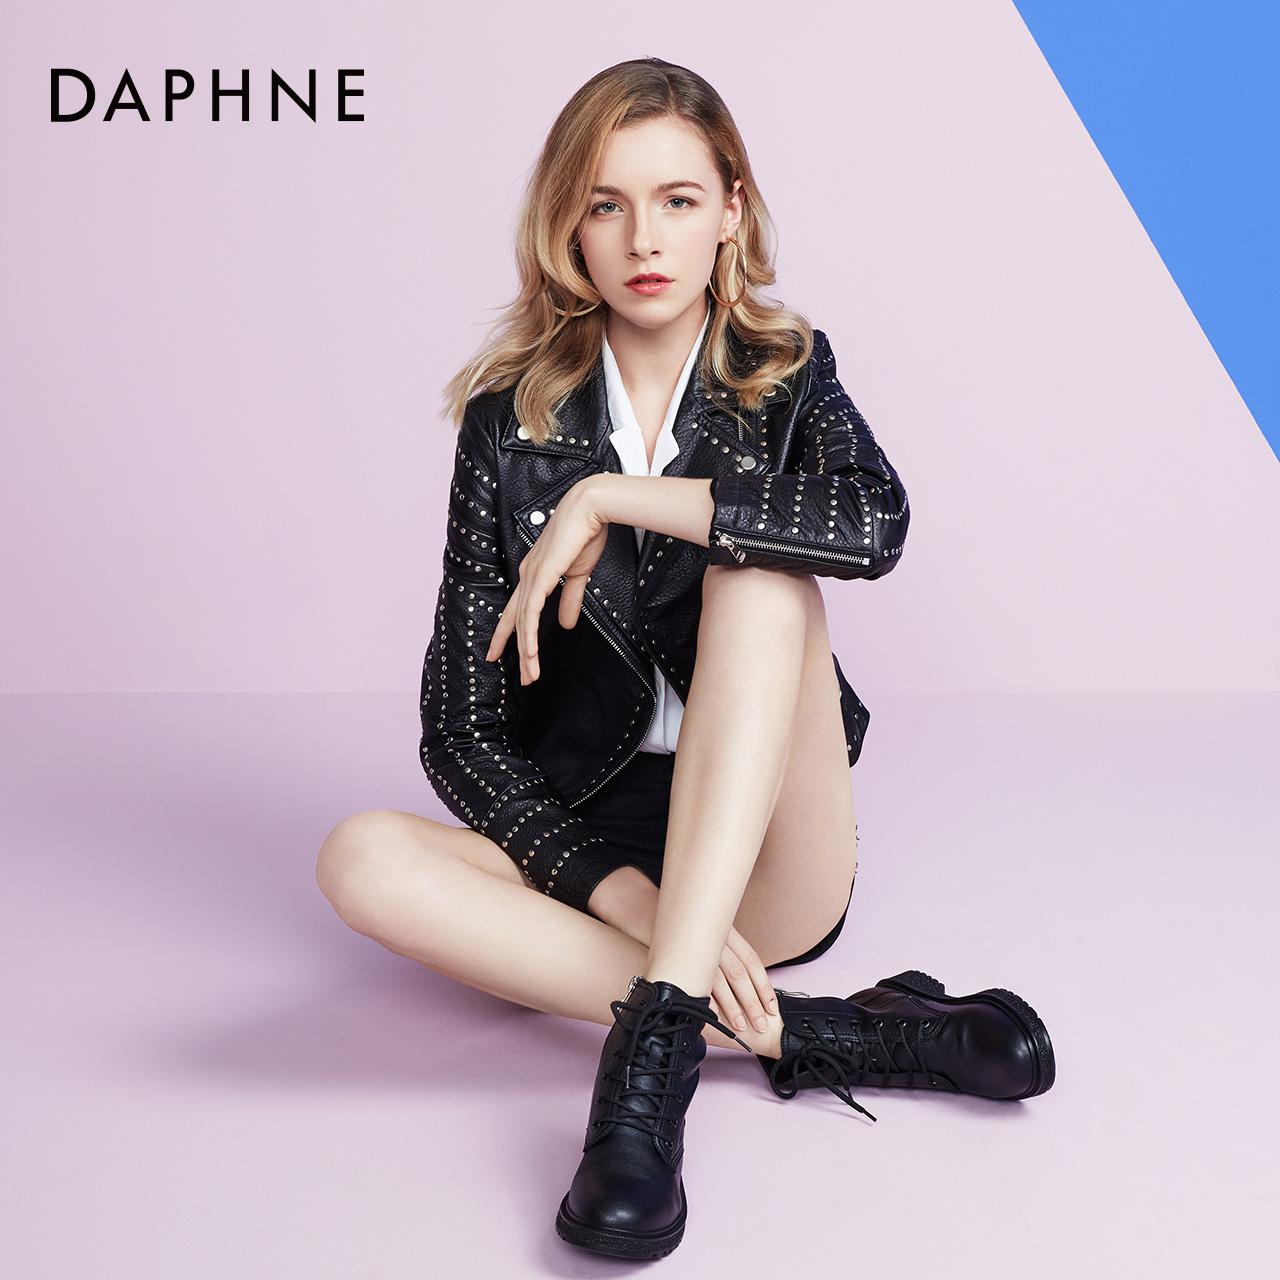 秋冬学生马丁靴女圆头平底显瘦休闲靴时尚短靴 2019 达芙妮 Daphne